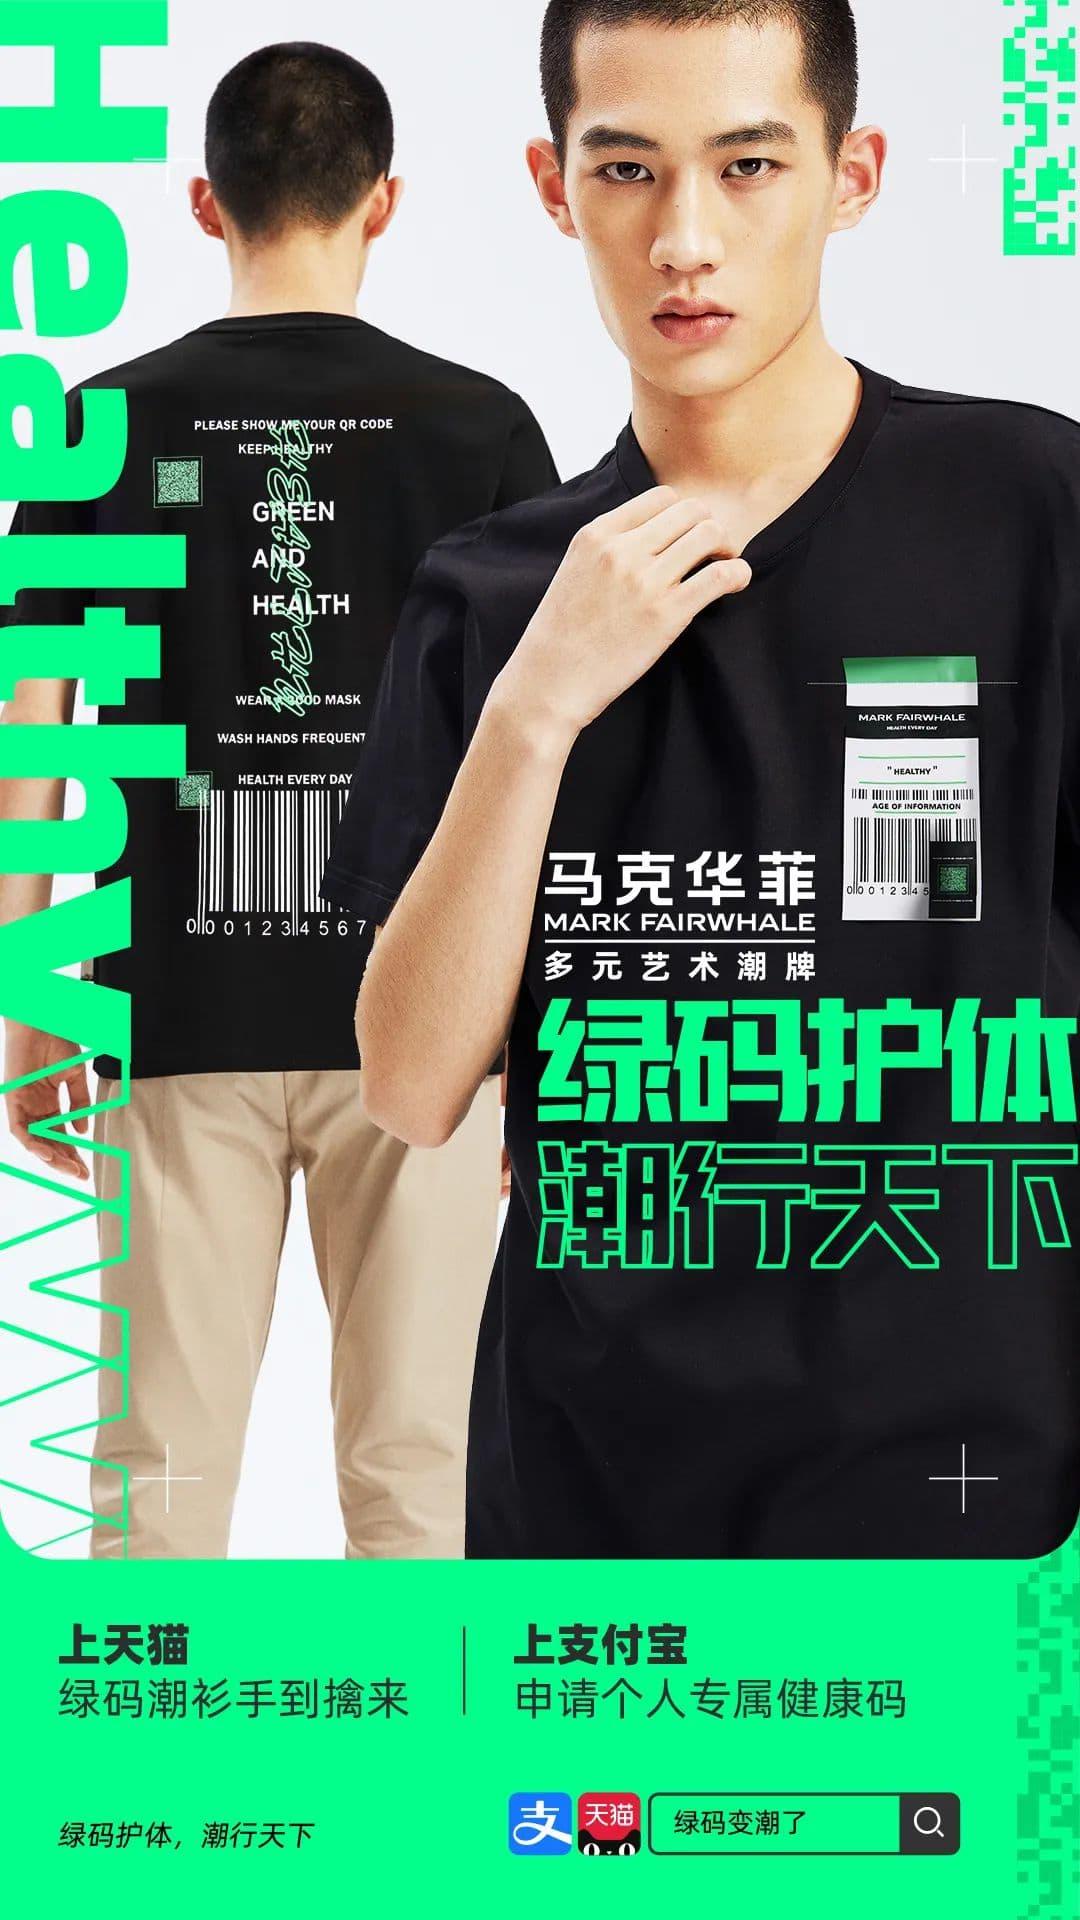 Alibaba Green fashion QR